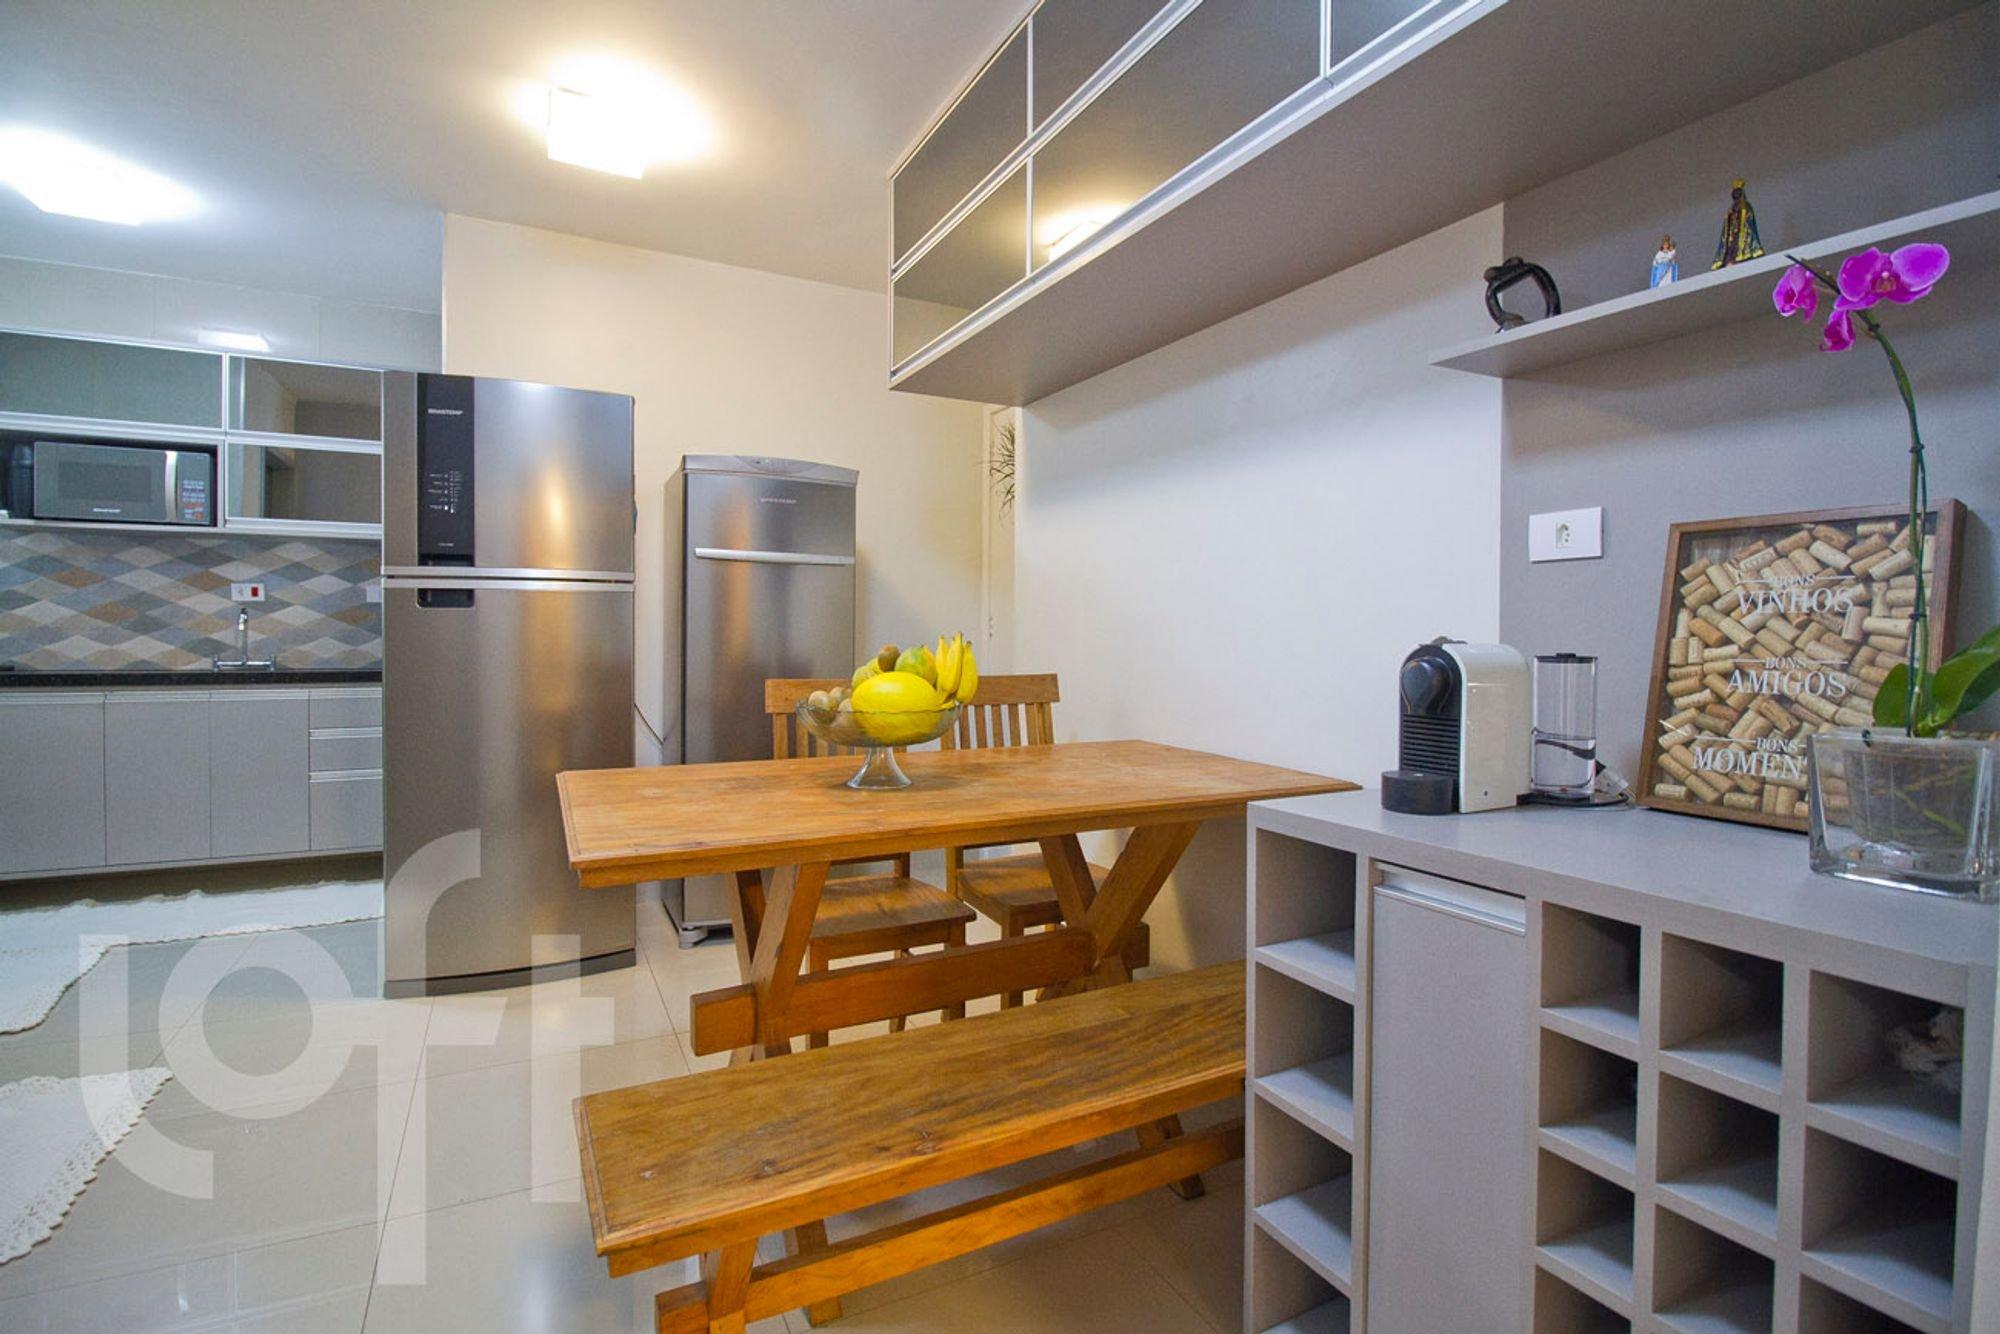 Foto de Cozinha com banco, geladeira, mesa de jantar